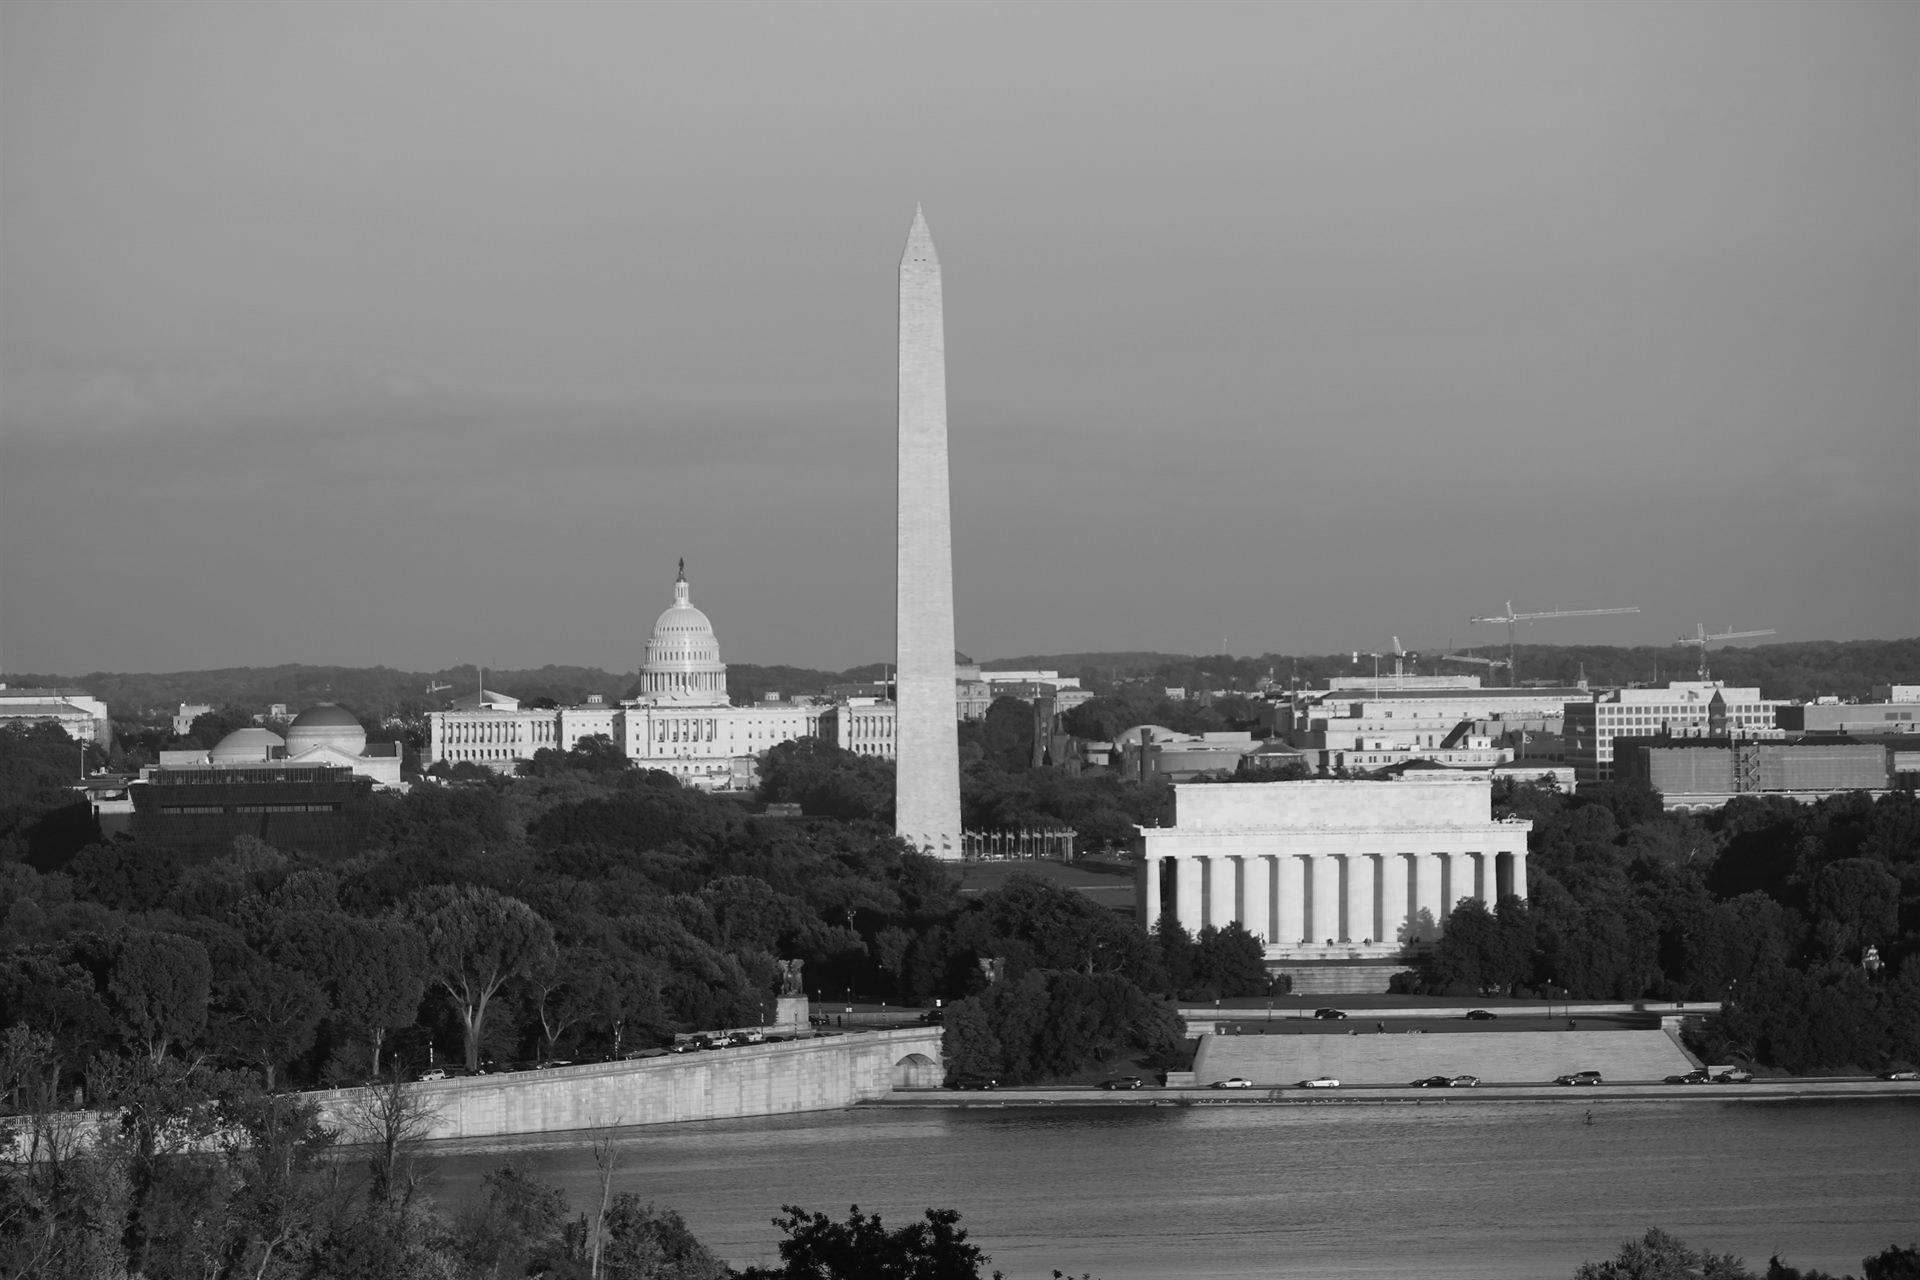 Image of the Washington monument in Washington D.C.